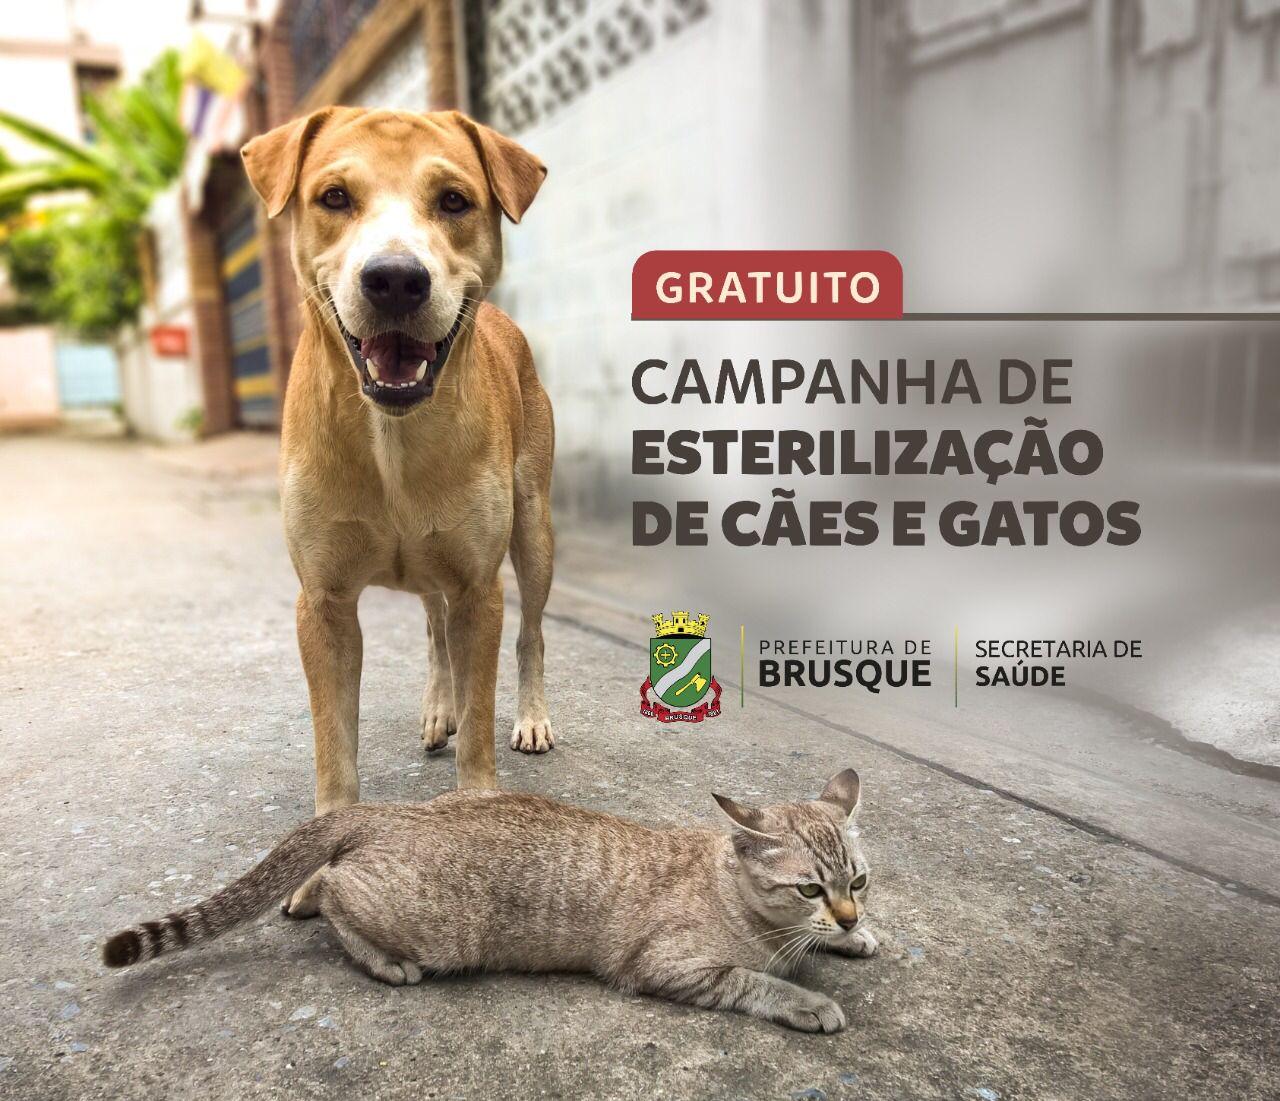 Prefeitura de Brusque disponibiliza link para cadastro do processo de castração em cães e gatos